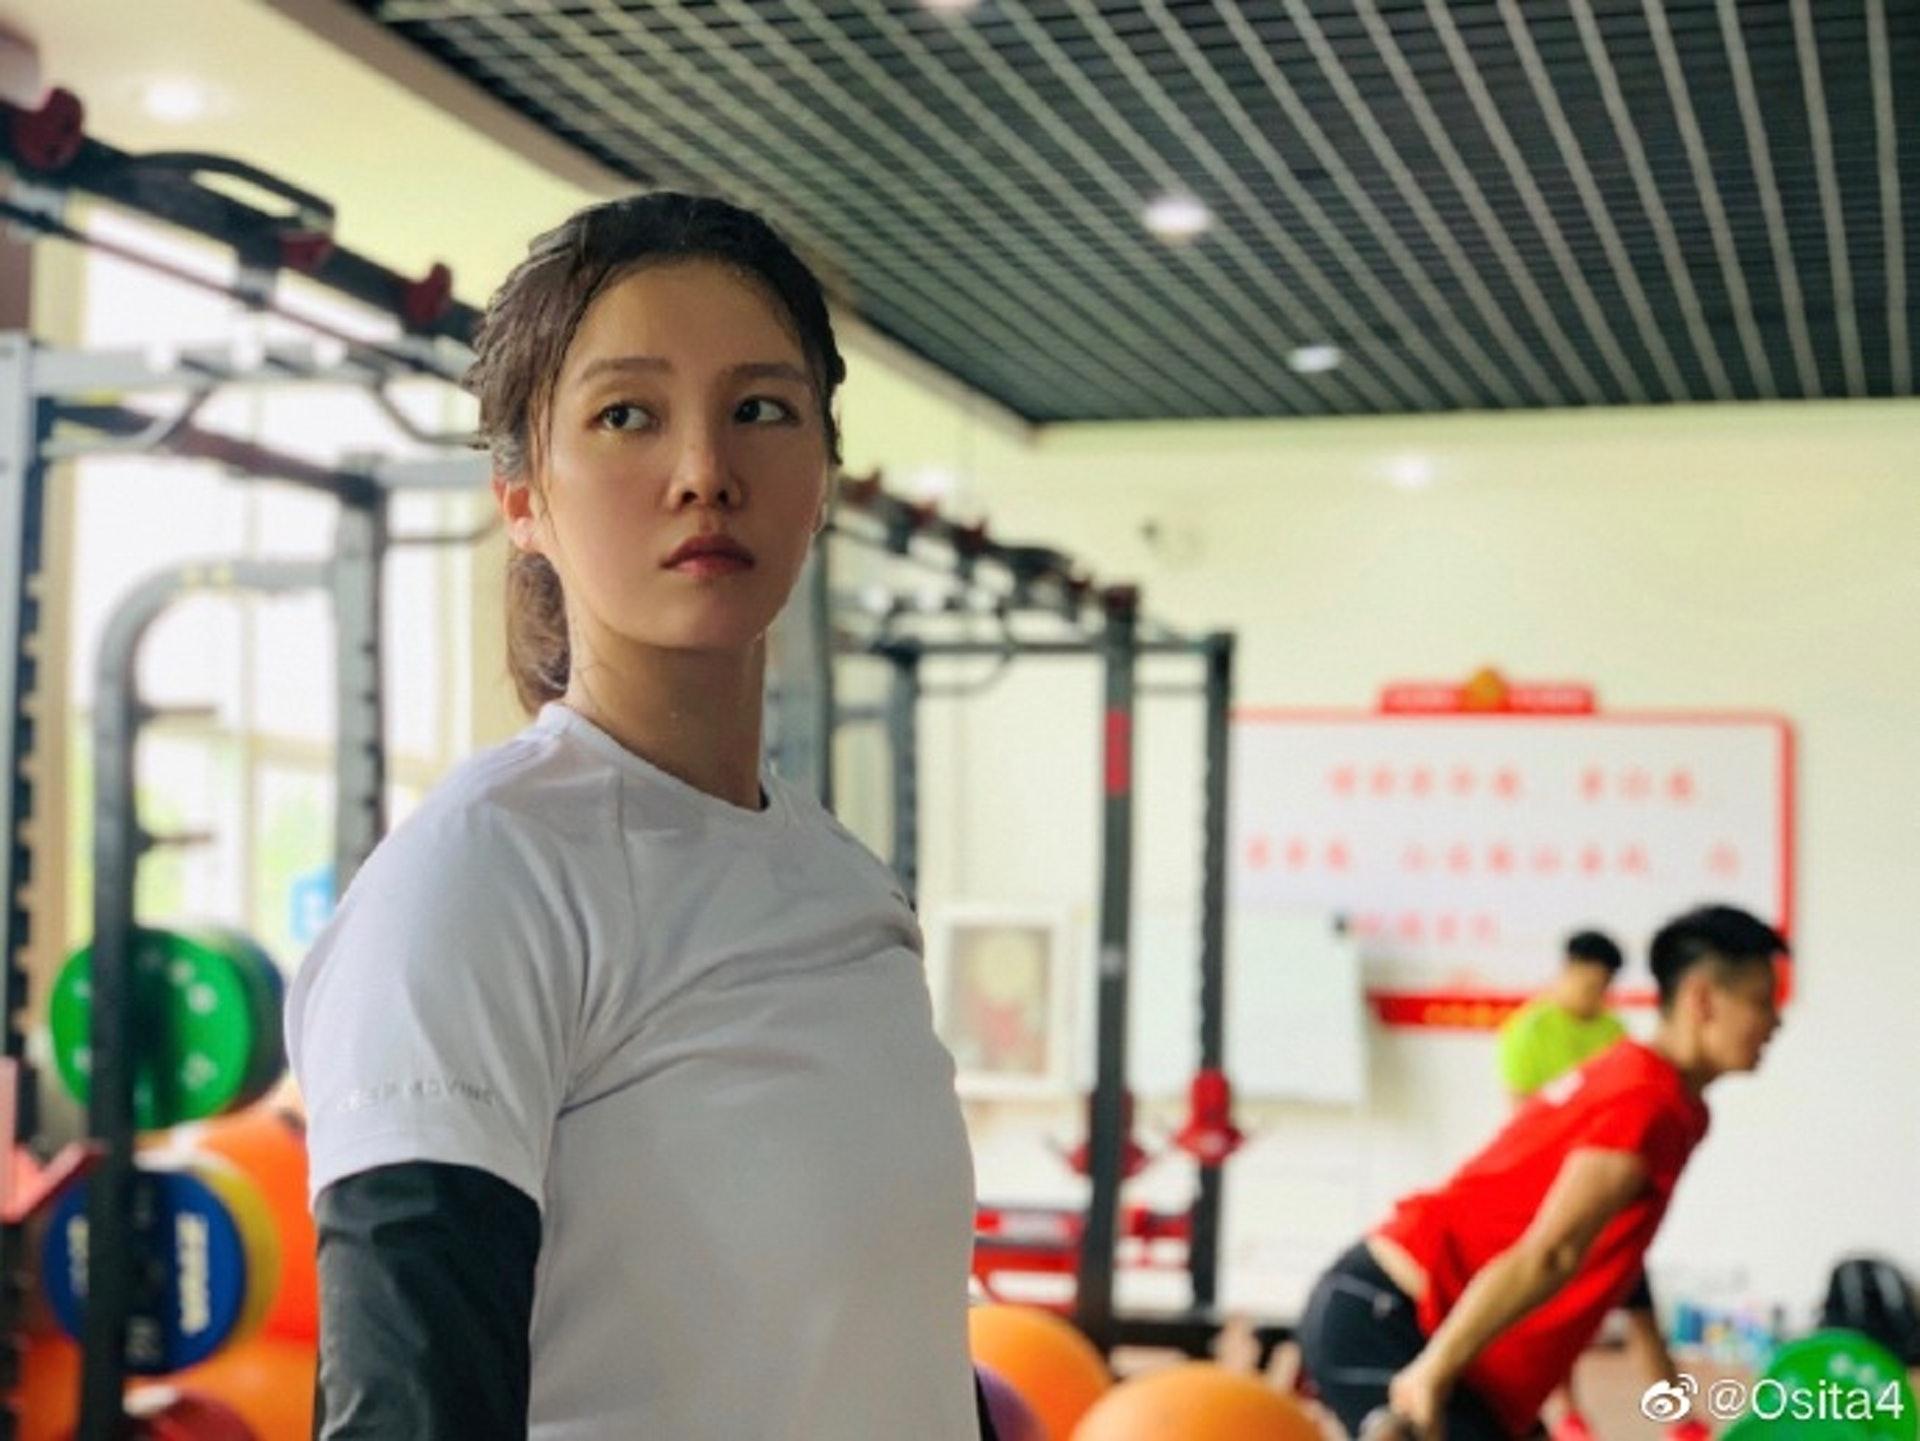 Đội trưởng đội tuyển bóng nước nữ Trung Quốc gây bão MXH vì ngoại hình nổi bật, nhan sắc được so sánh cùng Trương Bá Chi - ảnh 8